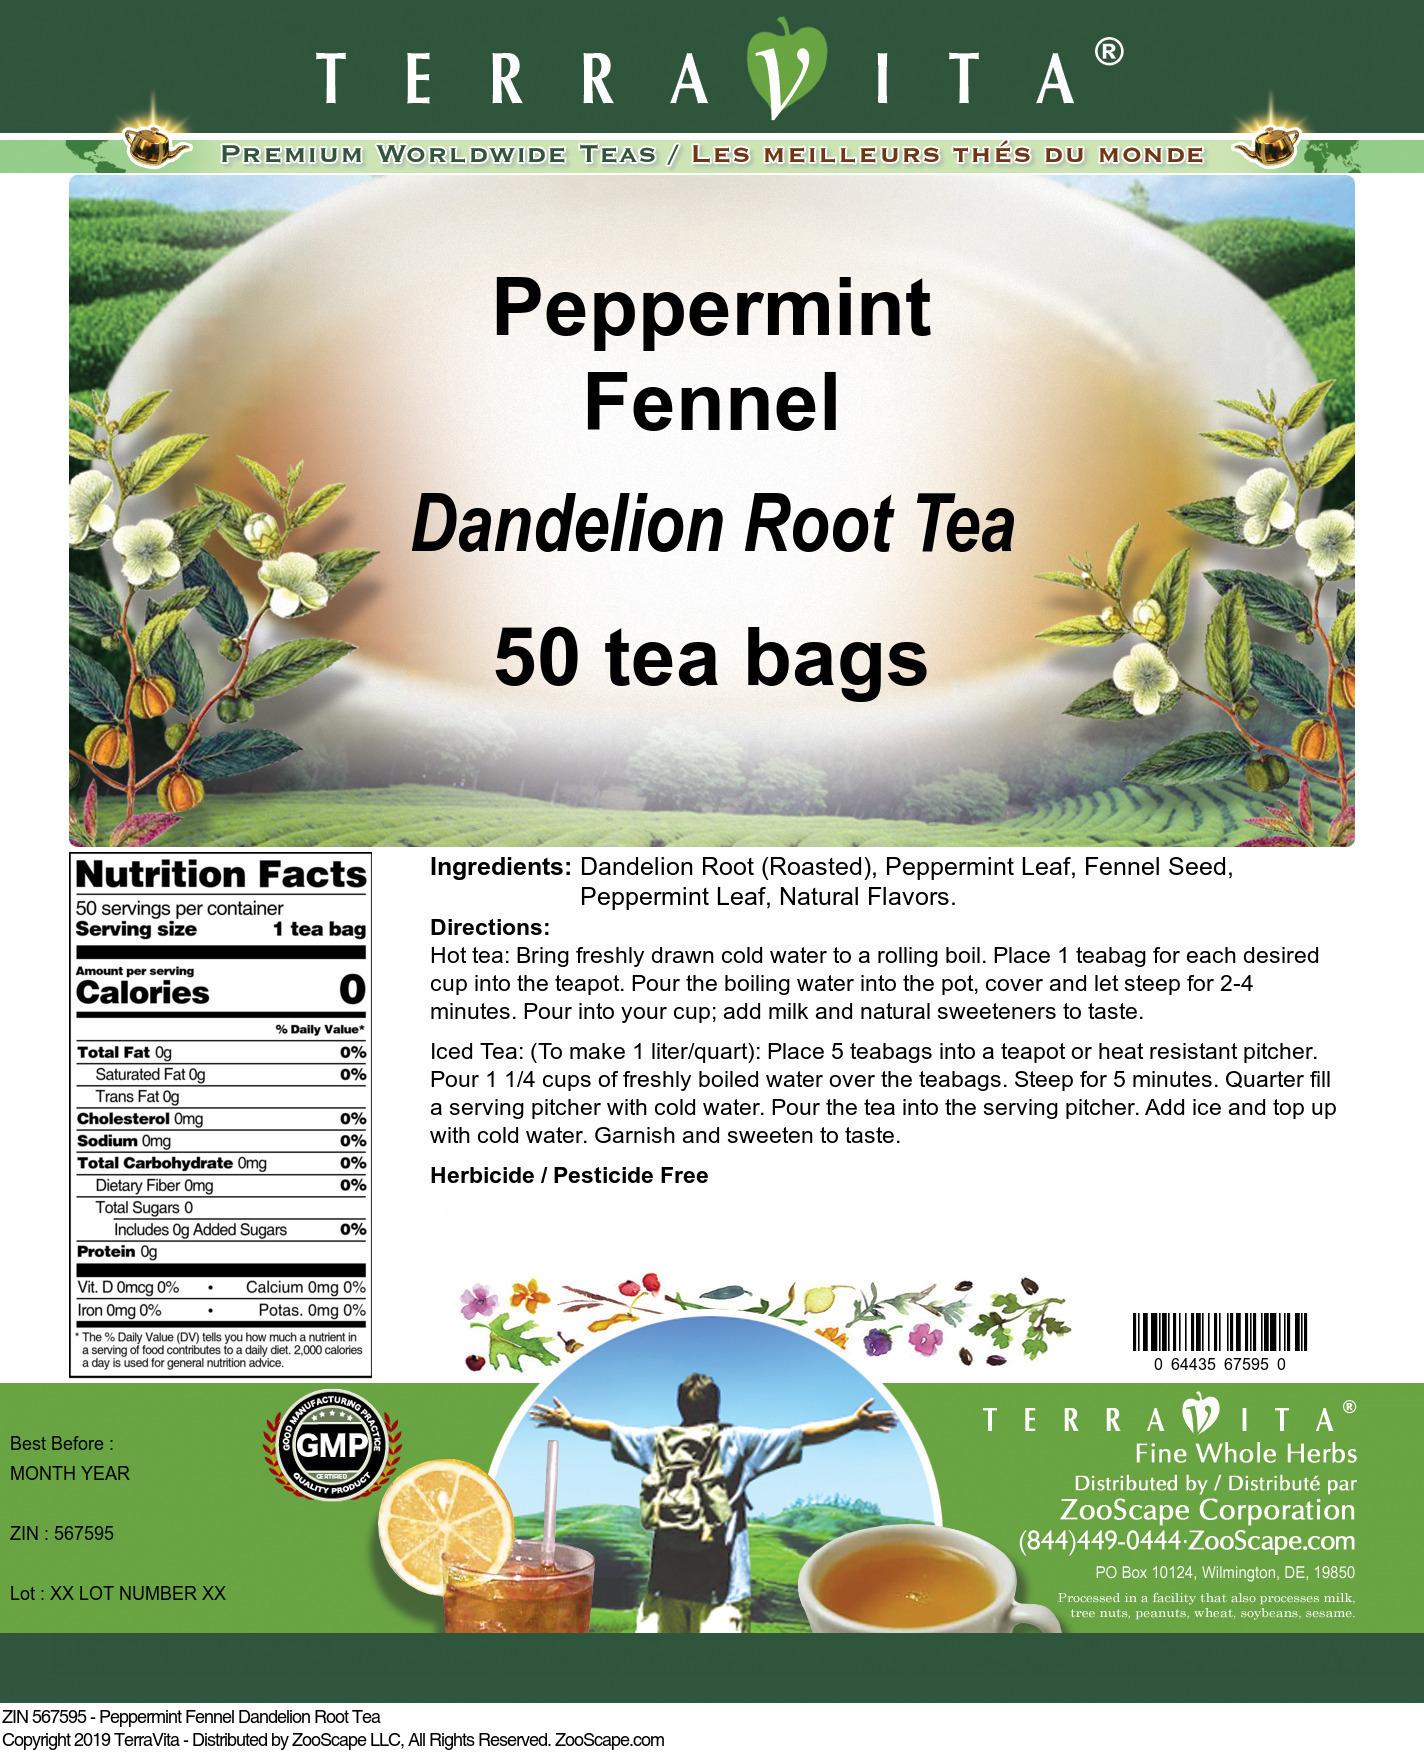 Peppermint Fennel Dandelion Root